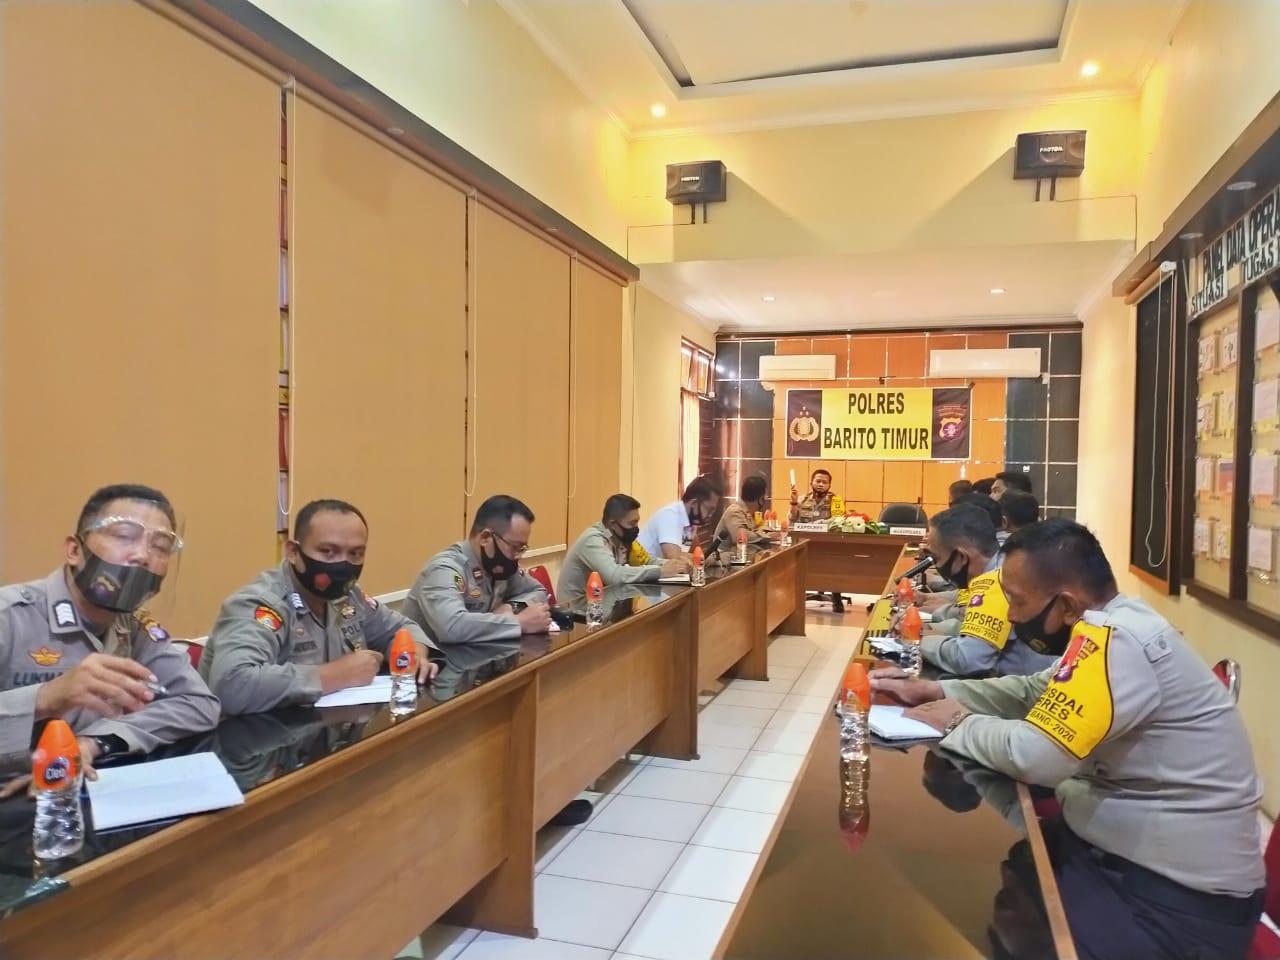 Kapolres Bartim AKBP Hafidh Susilo Herlambang SIK Laksanakan Anev Operasi Mantap Praja Telabang 2020